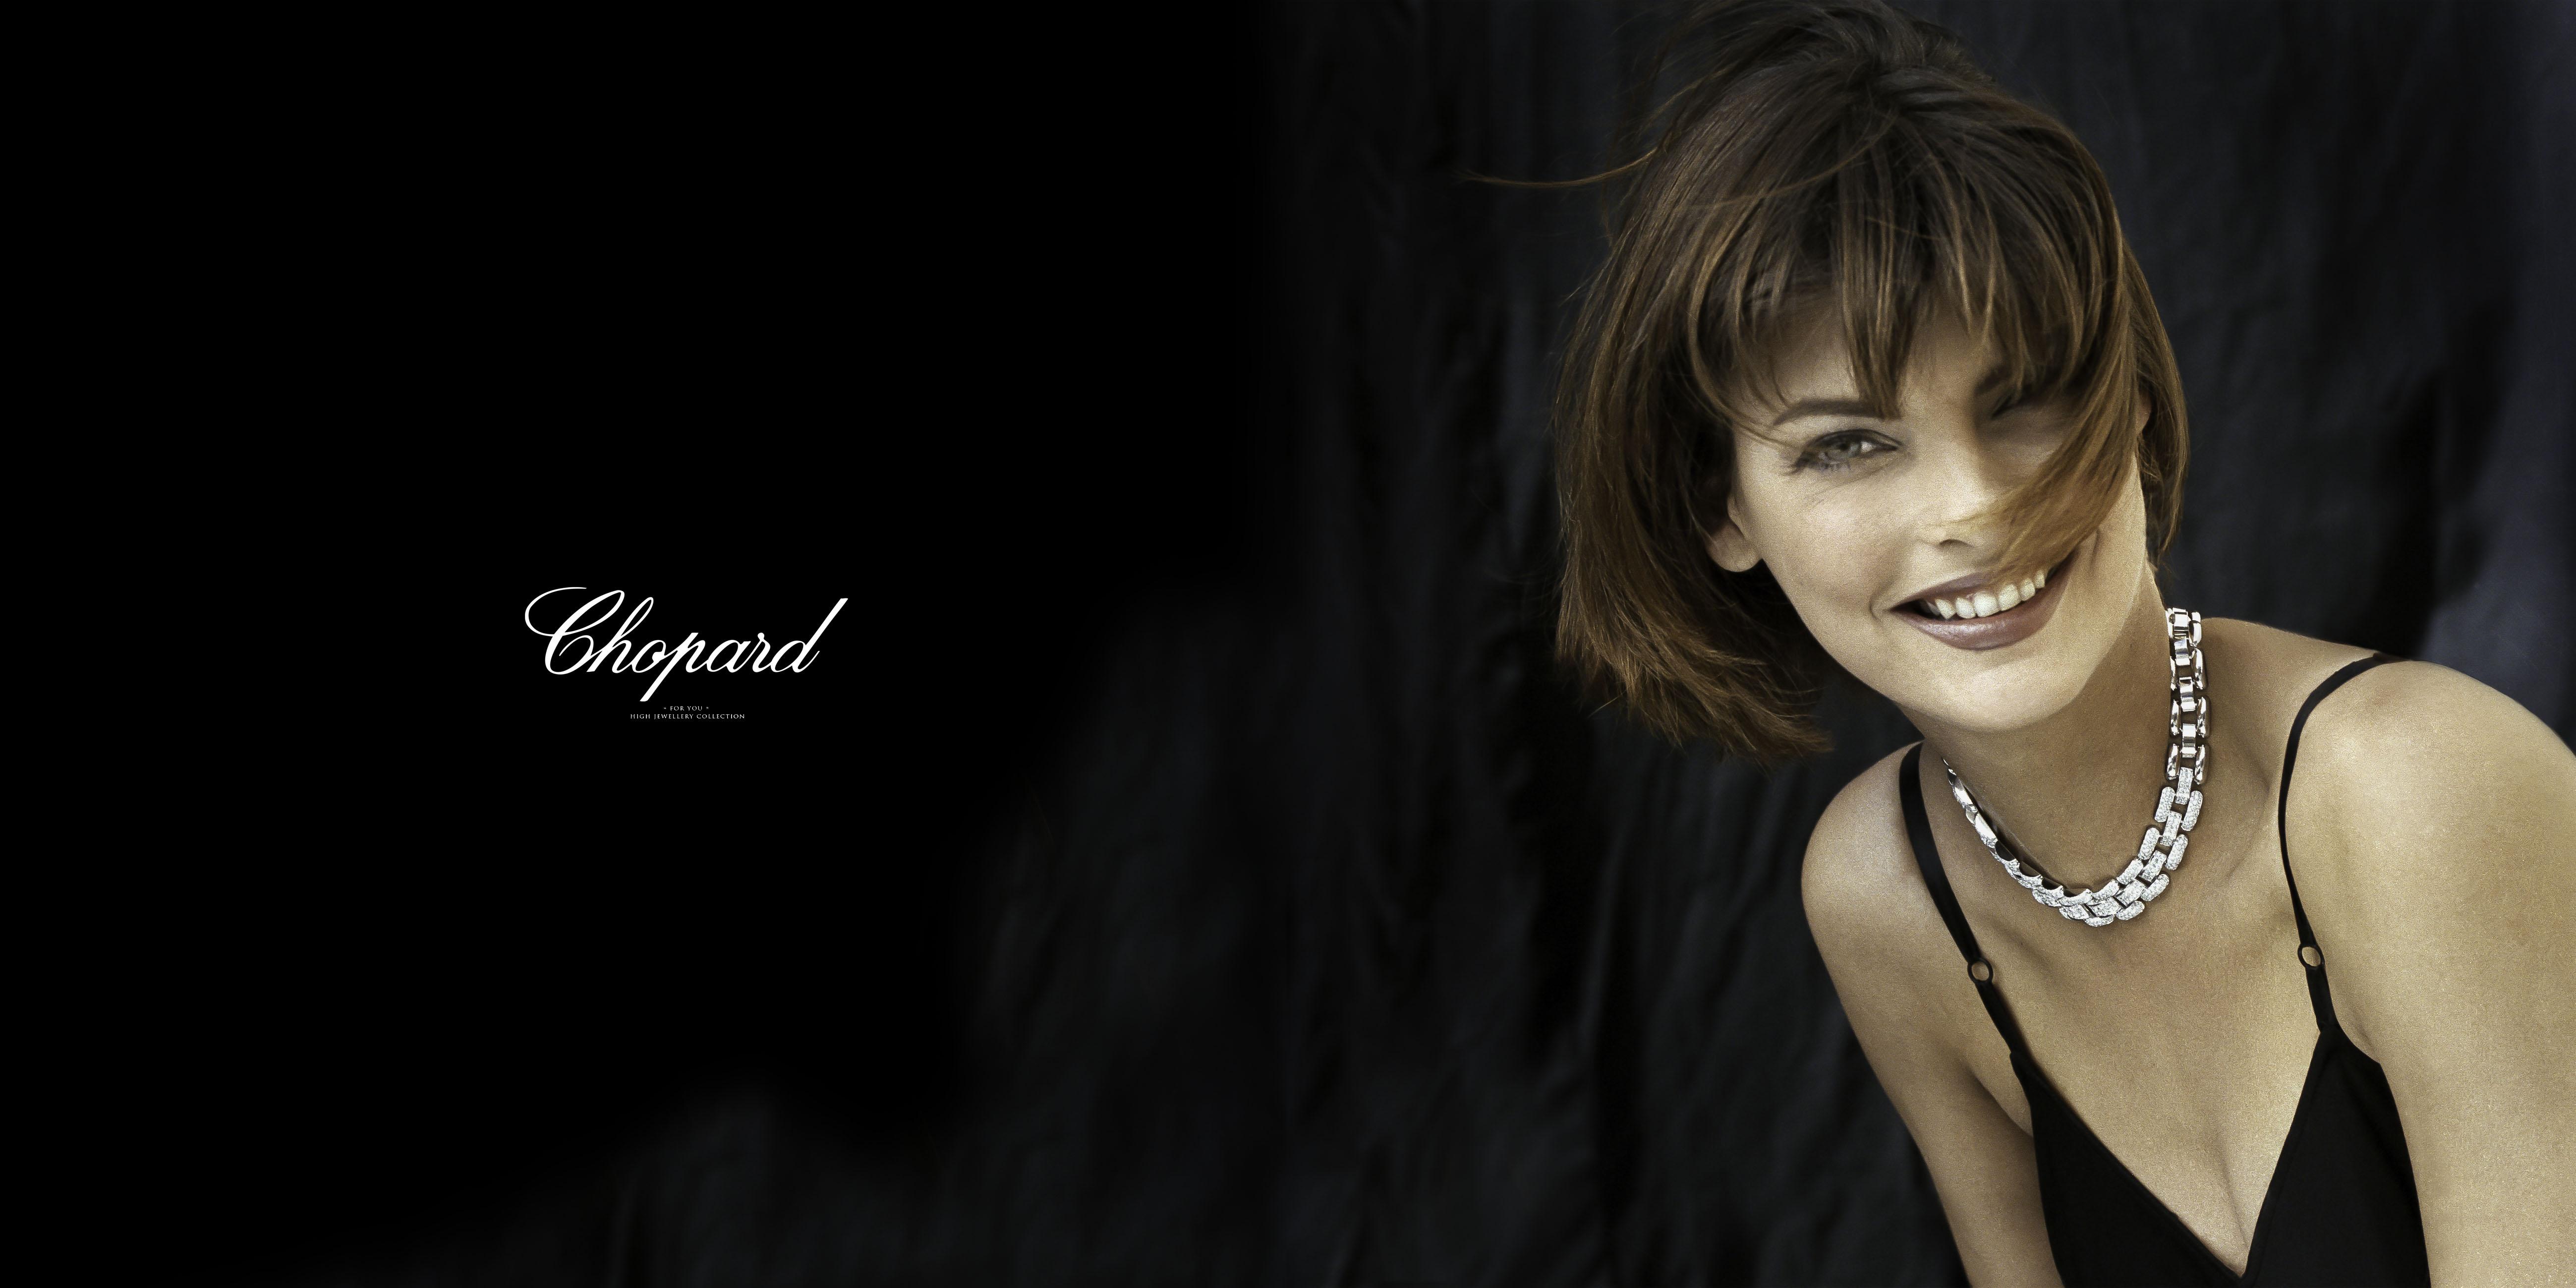 Linda Evangelista Chopard